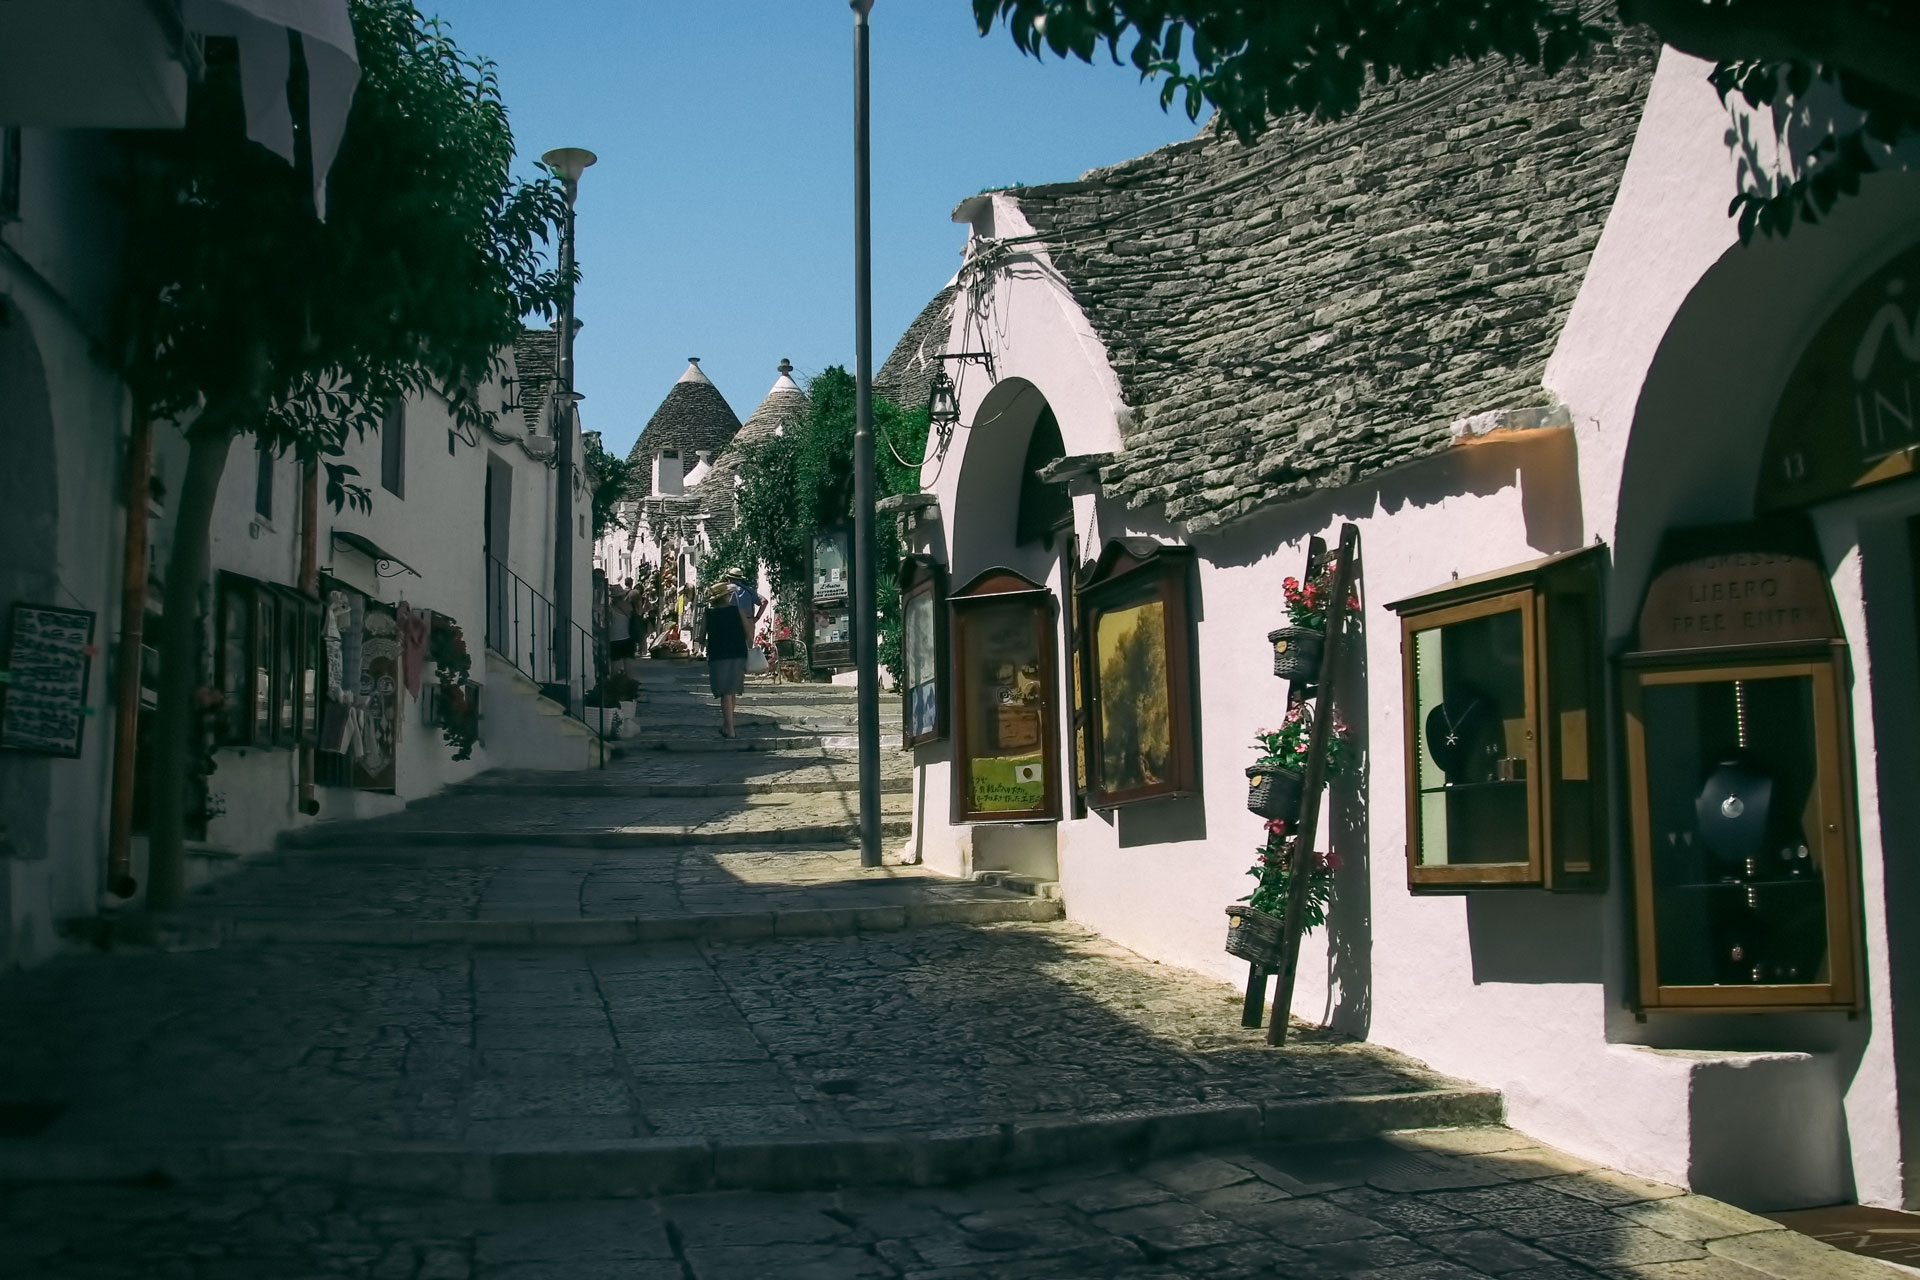 Alberobello Fotoğrafları Italya Gezilecek Yerler Çekergezer Hakan Aydın Gezgin Fotoğrafçı www.hakanaydın.com.tr www.cekergezer.com